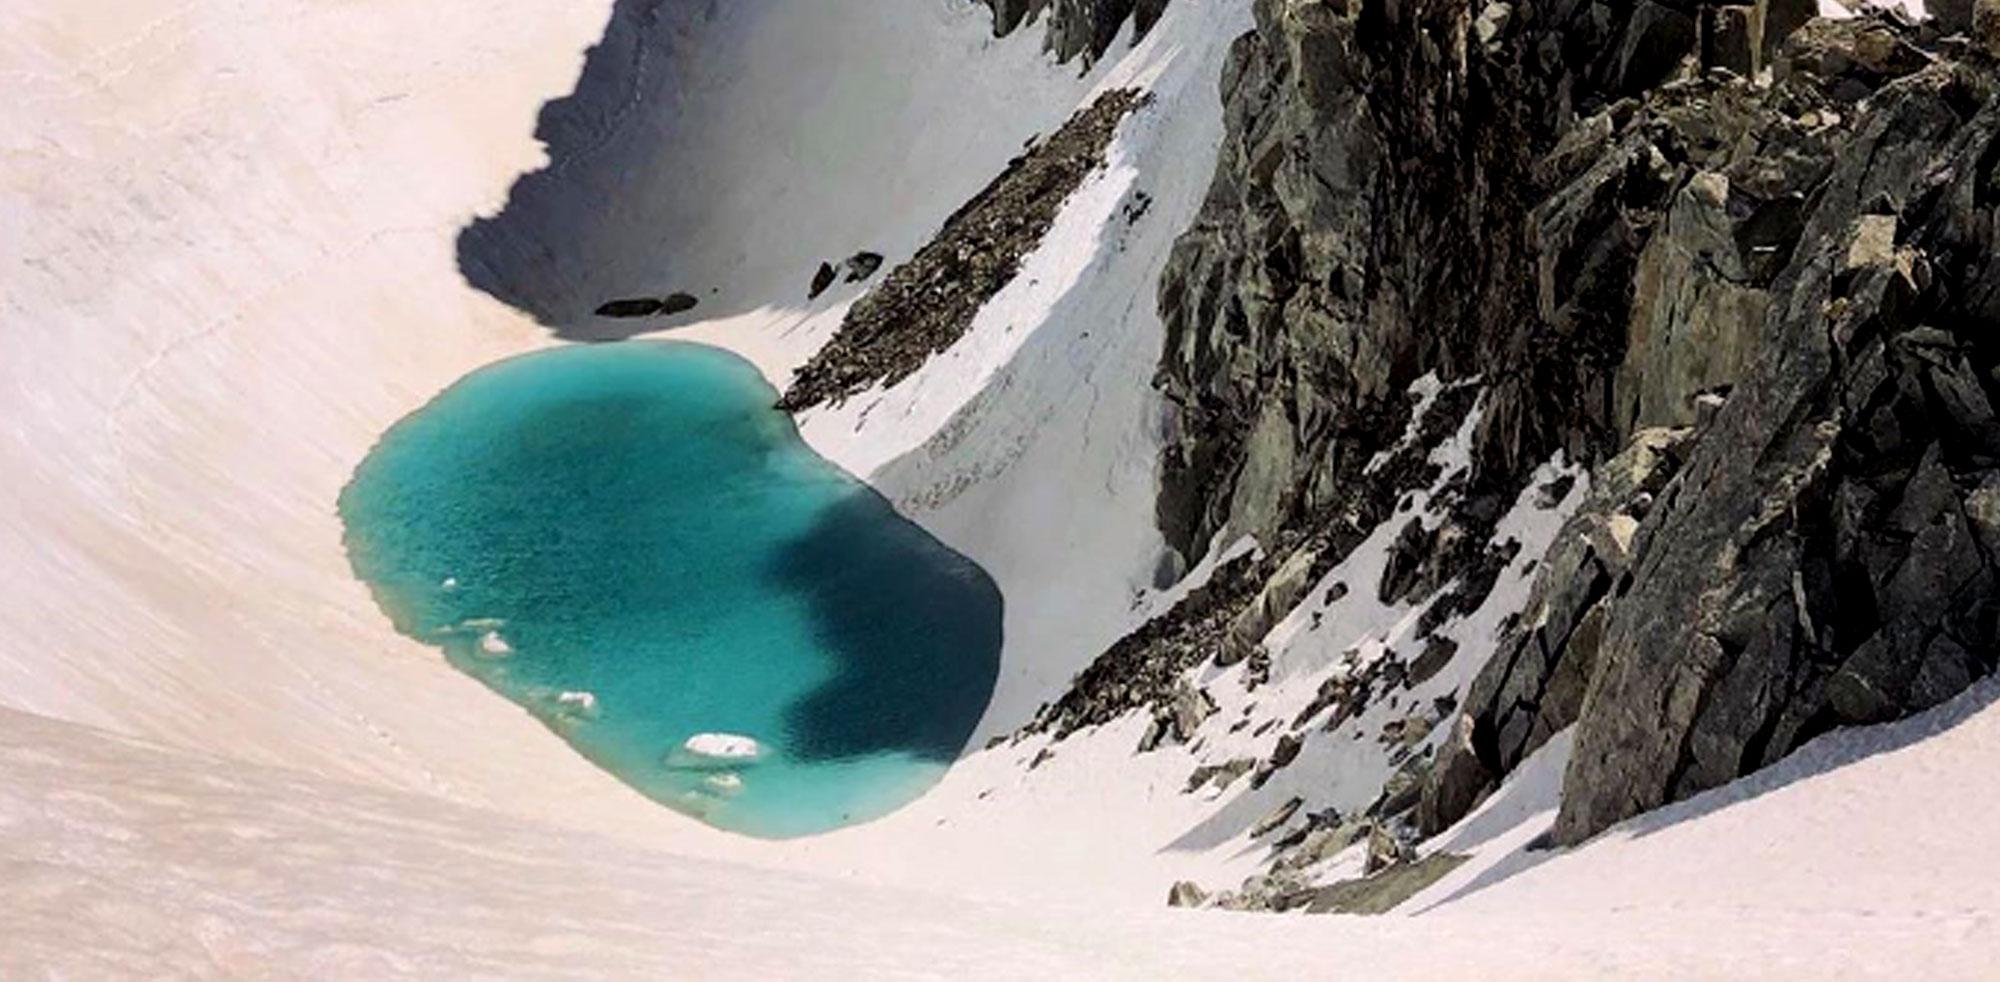 Alpinista spojrzał na dół i zdębiał. Natychmiast zrobił zdjęcie